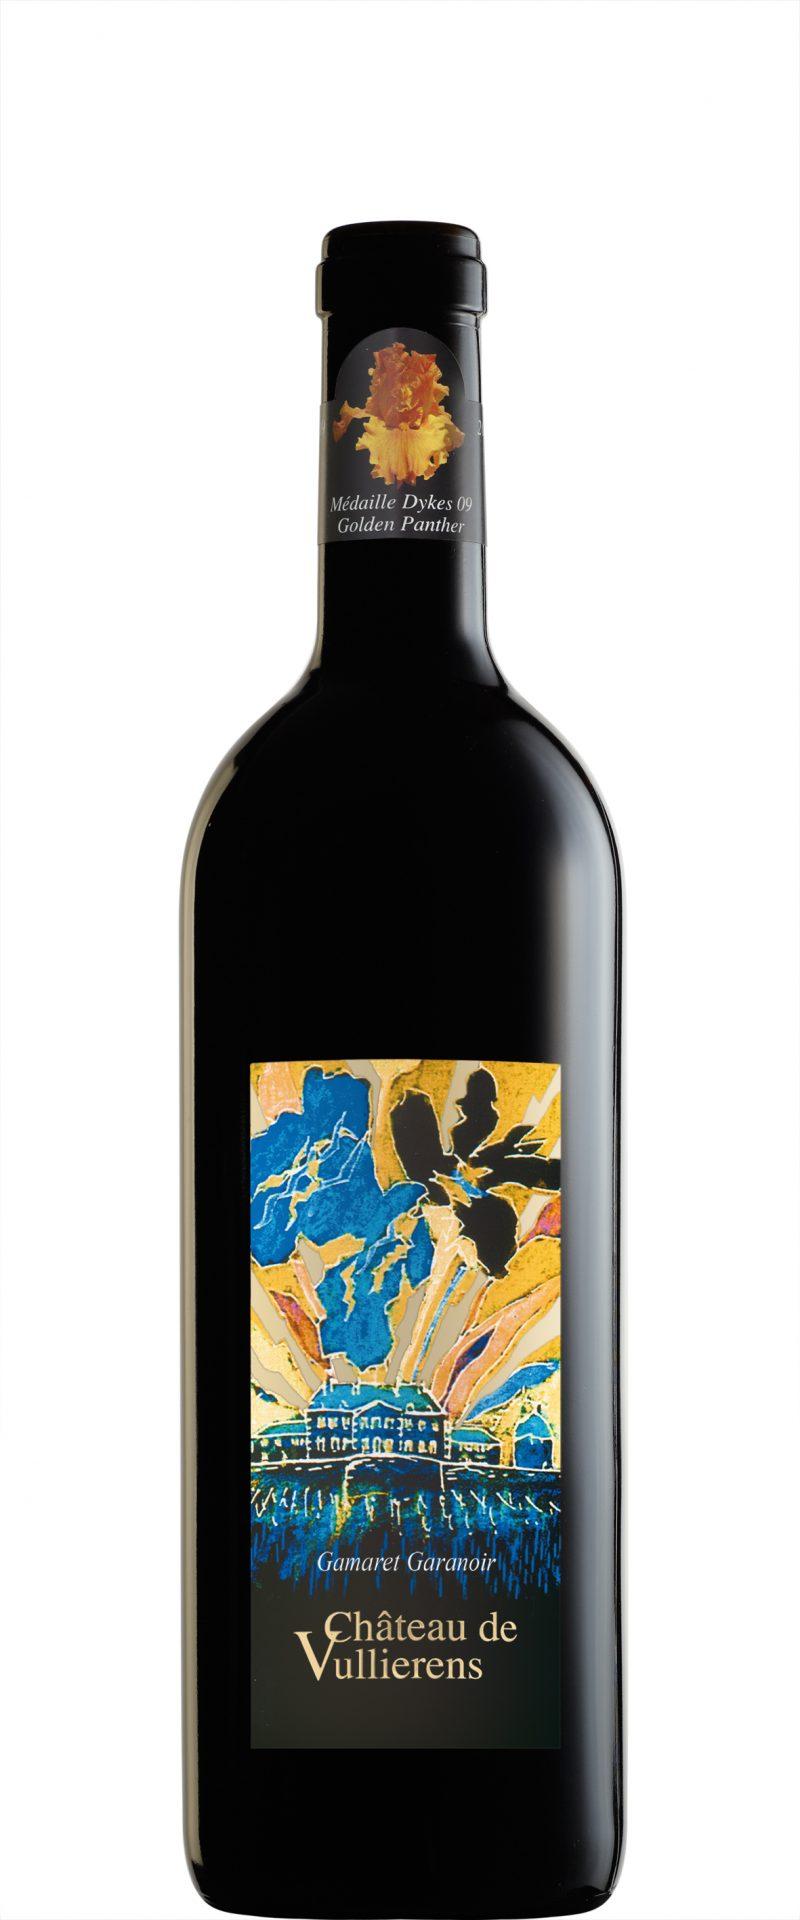 vin gamaret garanoir wht - Le domaine